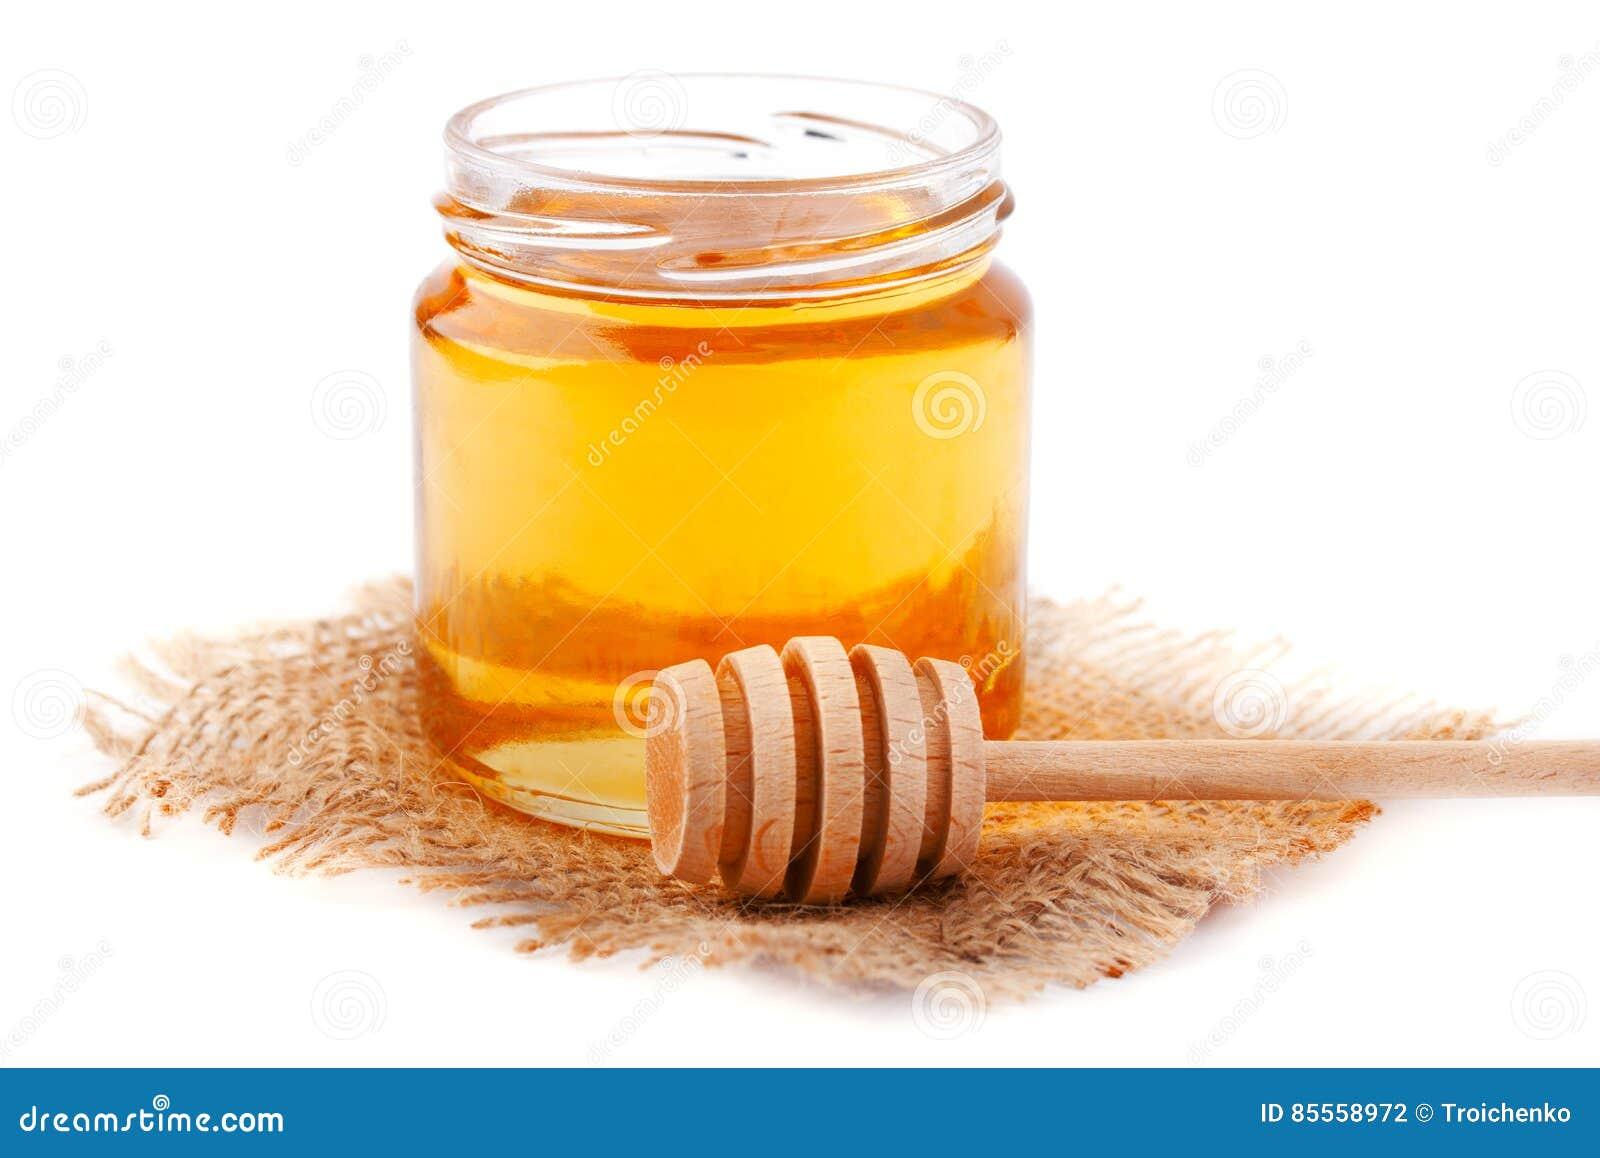 Honig im Glas mit einem hölzernen Löffel lokalisiert auf Weiß